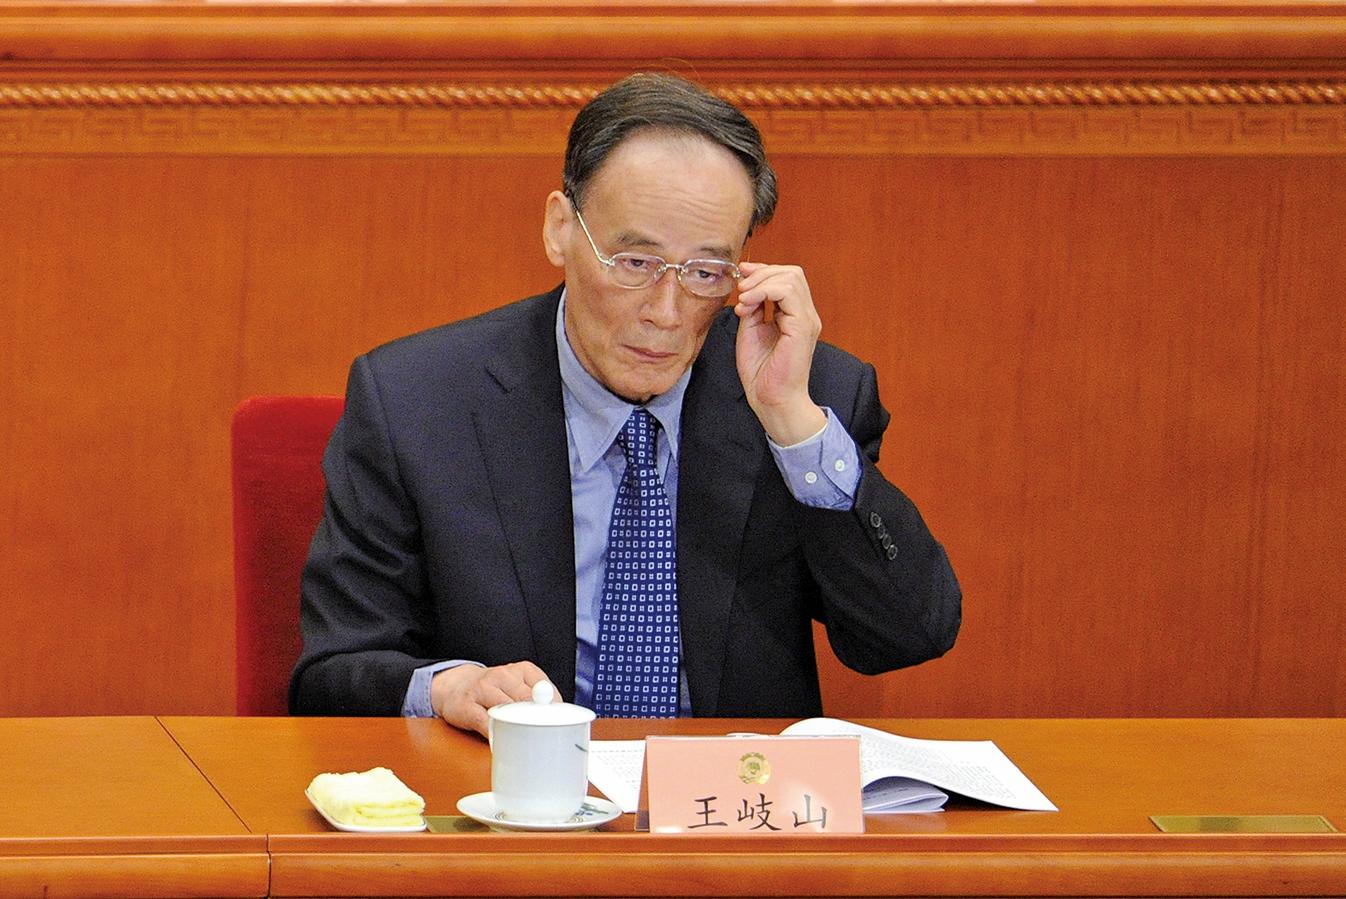 中國新年前夕,已卸任政治局常委的王岐山未列入最新「老同志」名單,外界聚焦王岐山將在兩會上出任要職,或負責中美關係等敏感事務。(Getty Images)